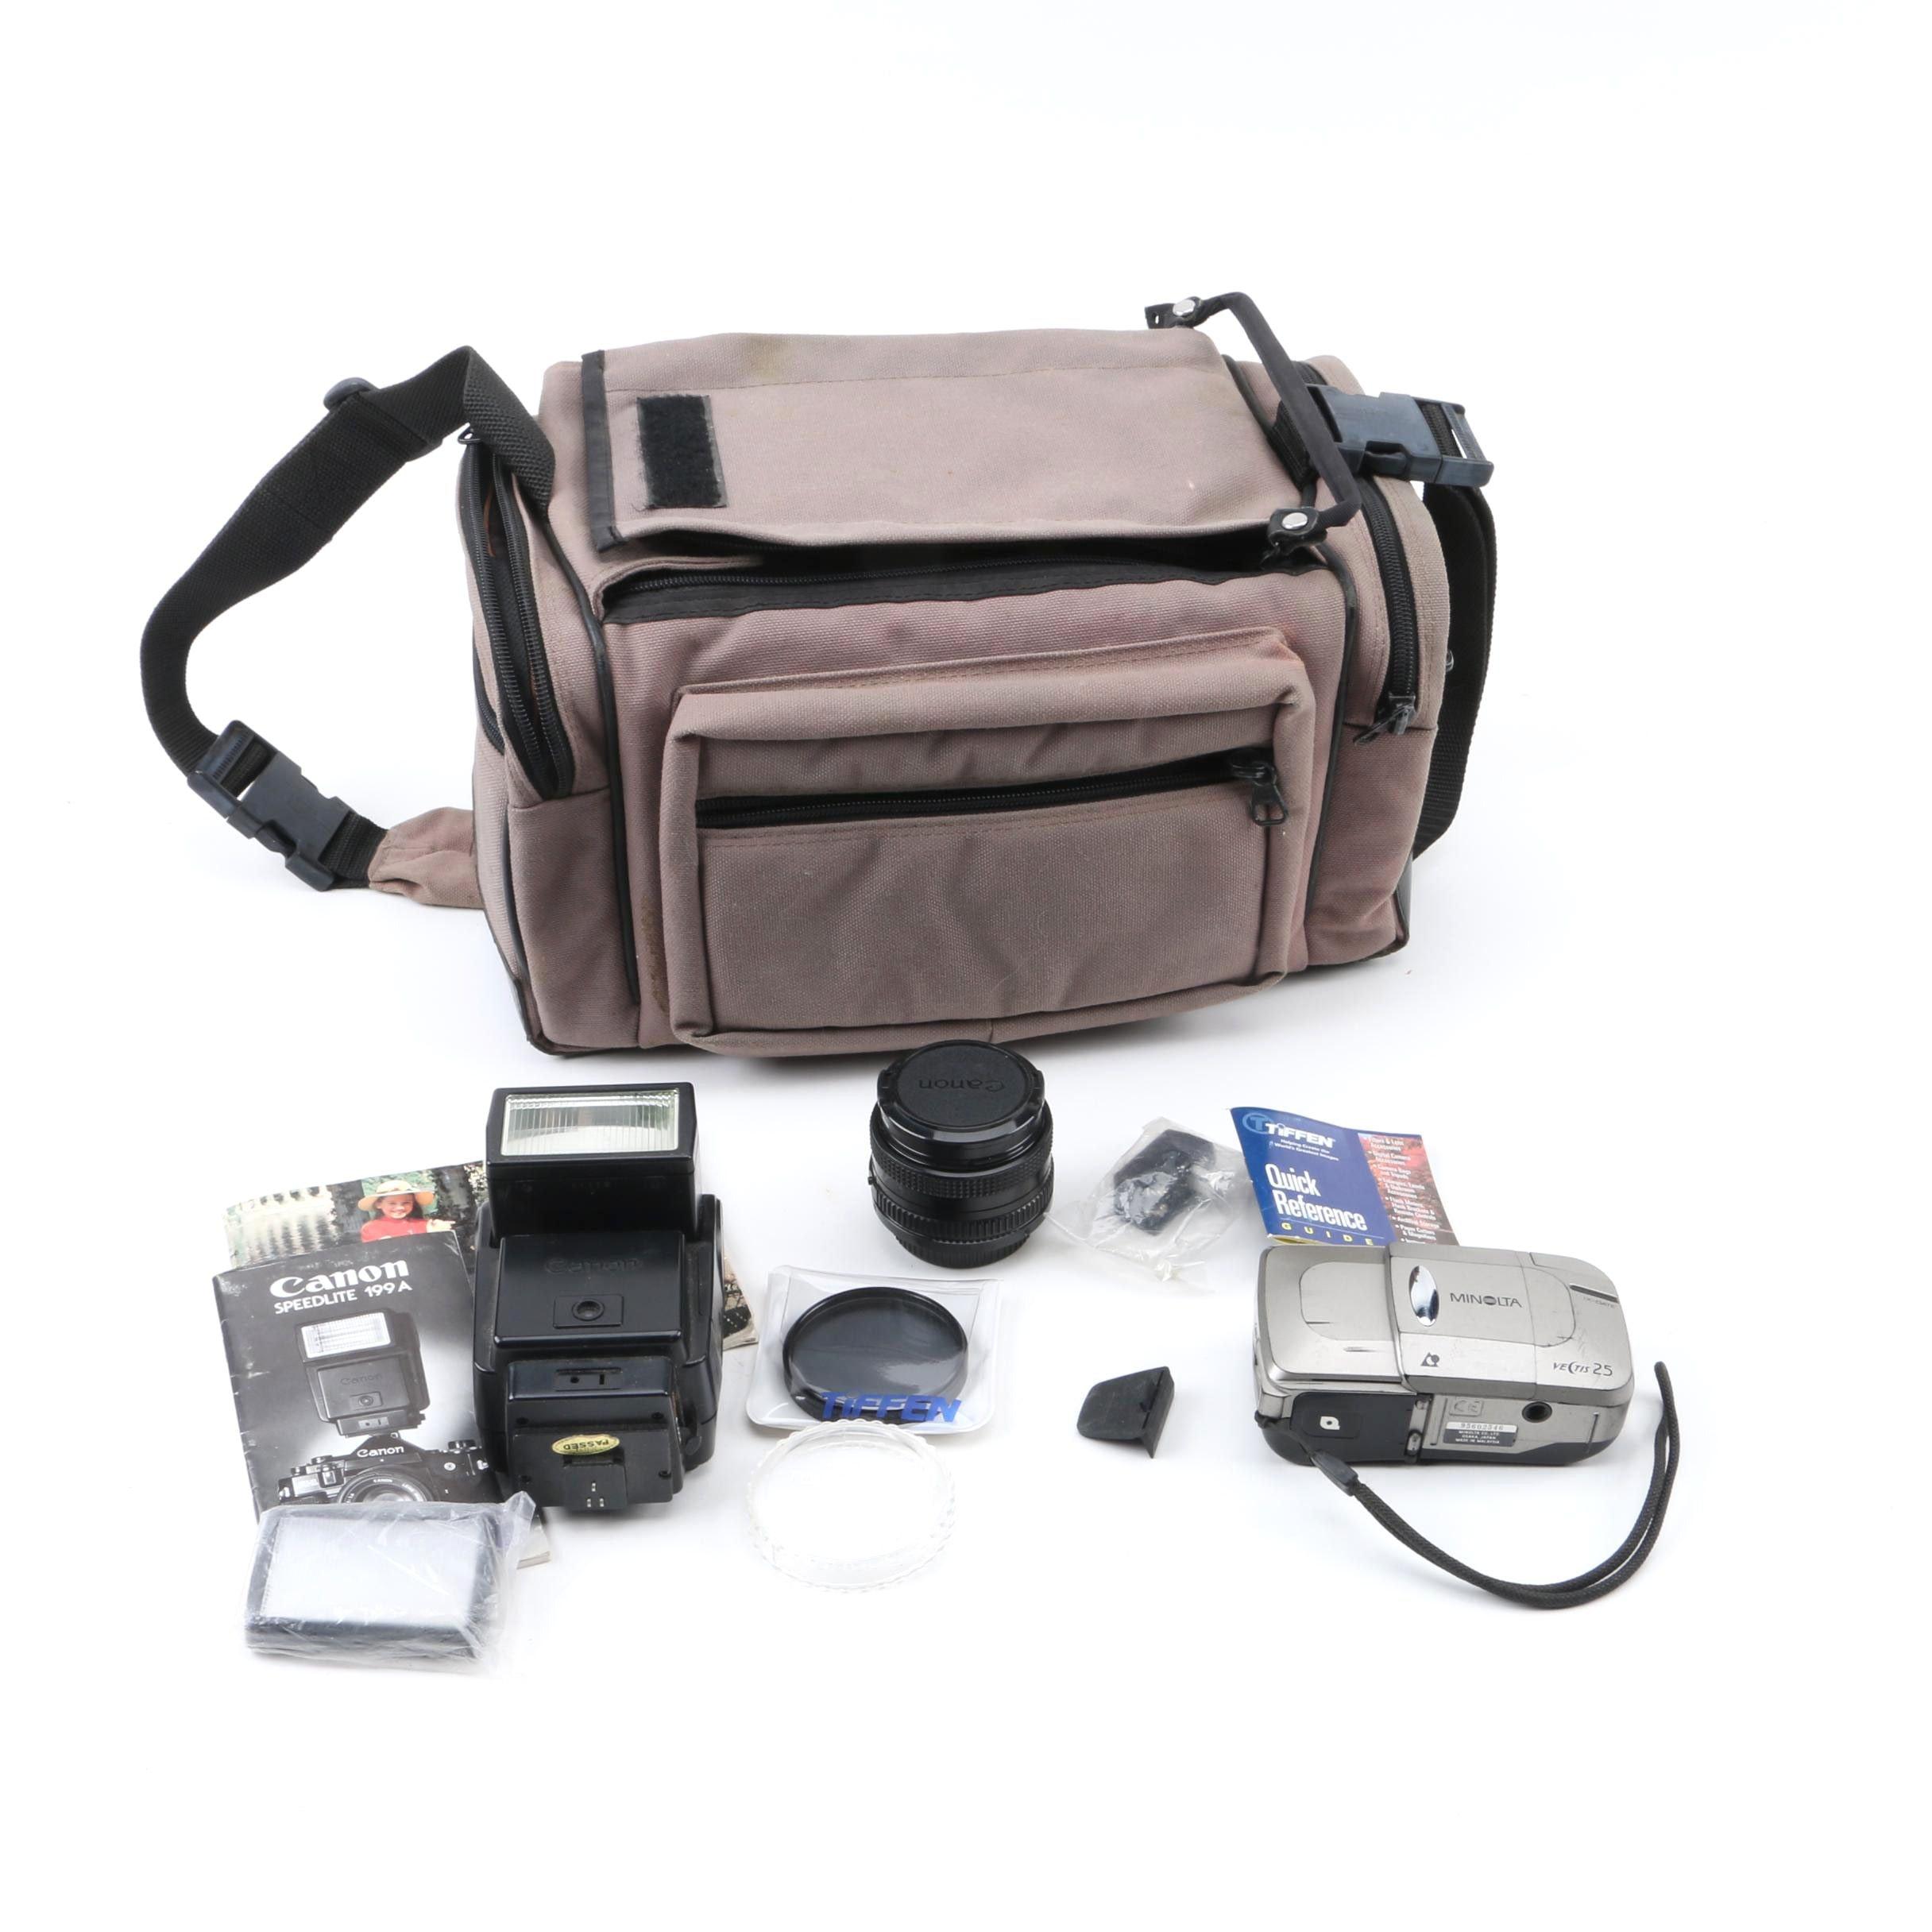 Minolta Vectis 25 Camera, Case and Accessories